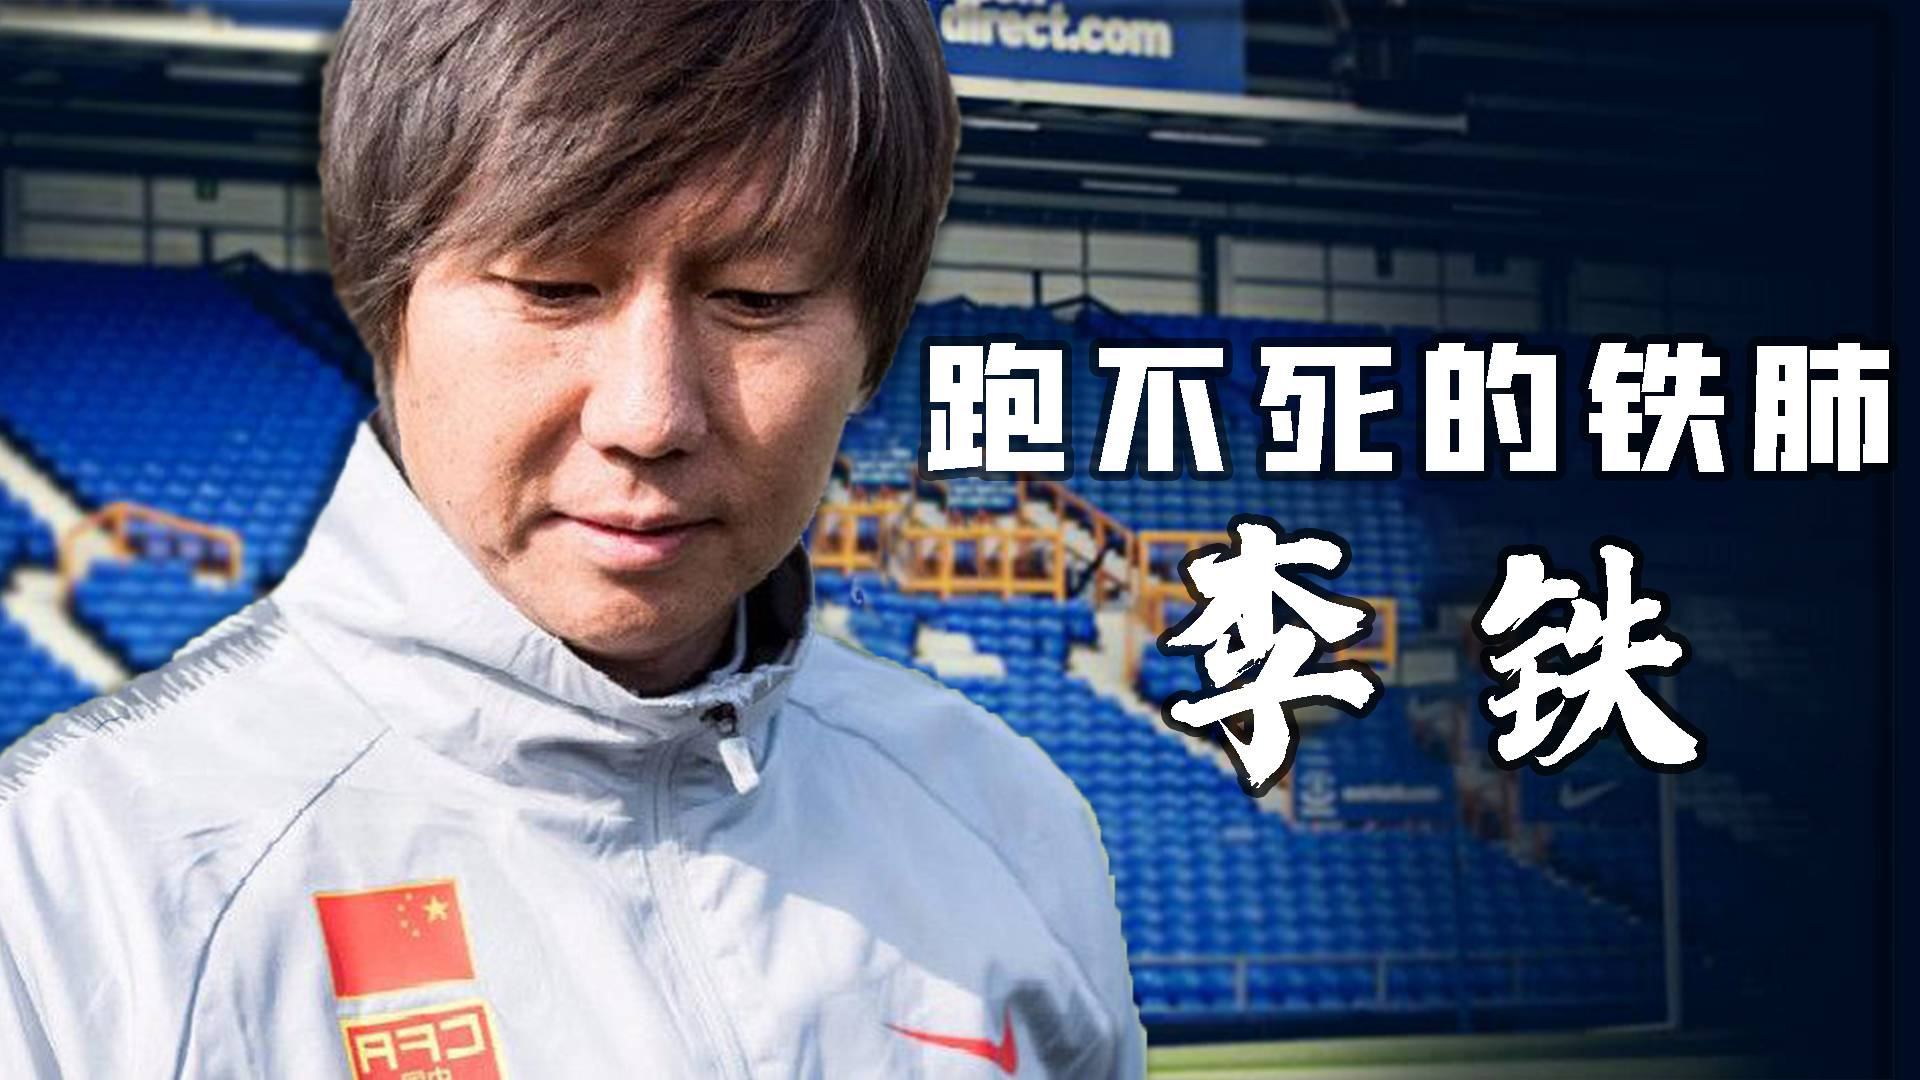 李铁中文纪录片《跑不死的铁肺》:一个人的中国足球梦!